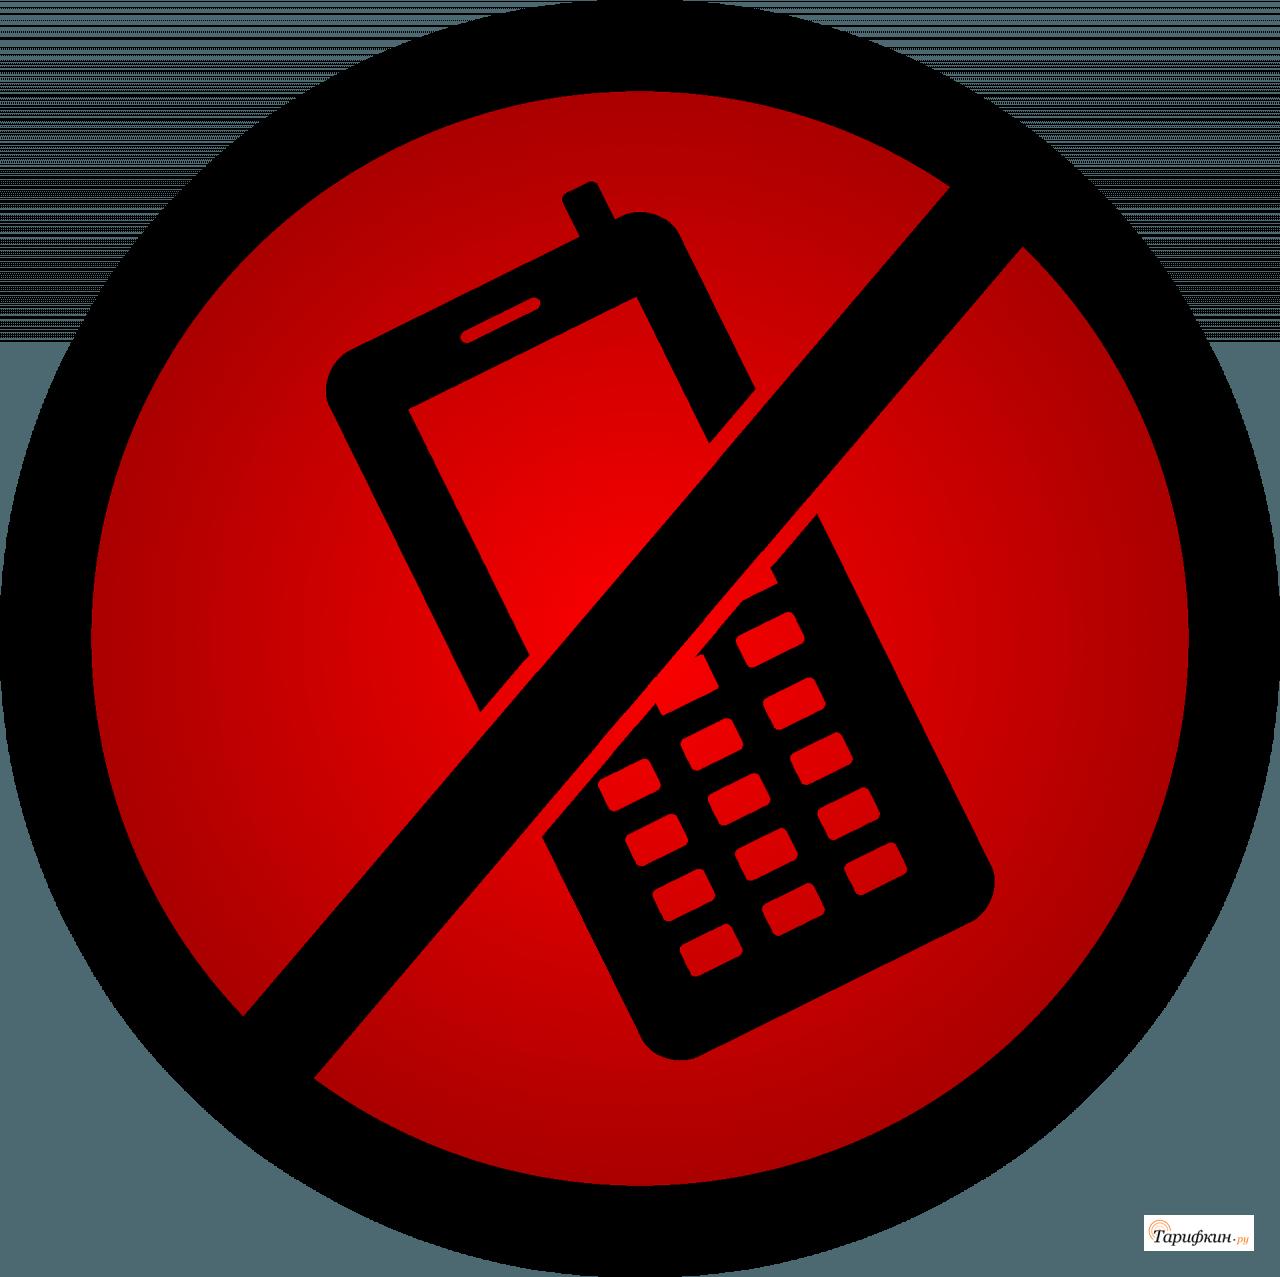 Эксперты подтвердили — Самсунг и Эппл пустили в продажу «радиоактивные» смартфоны